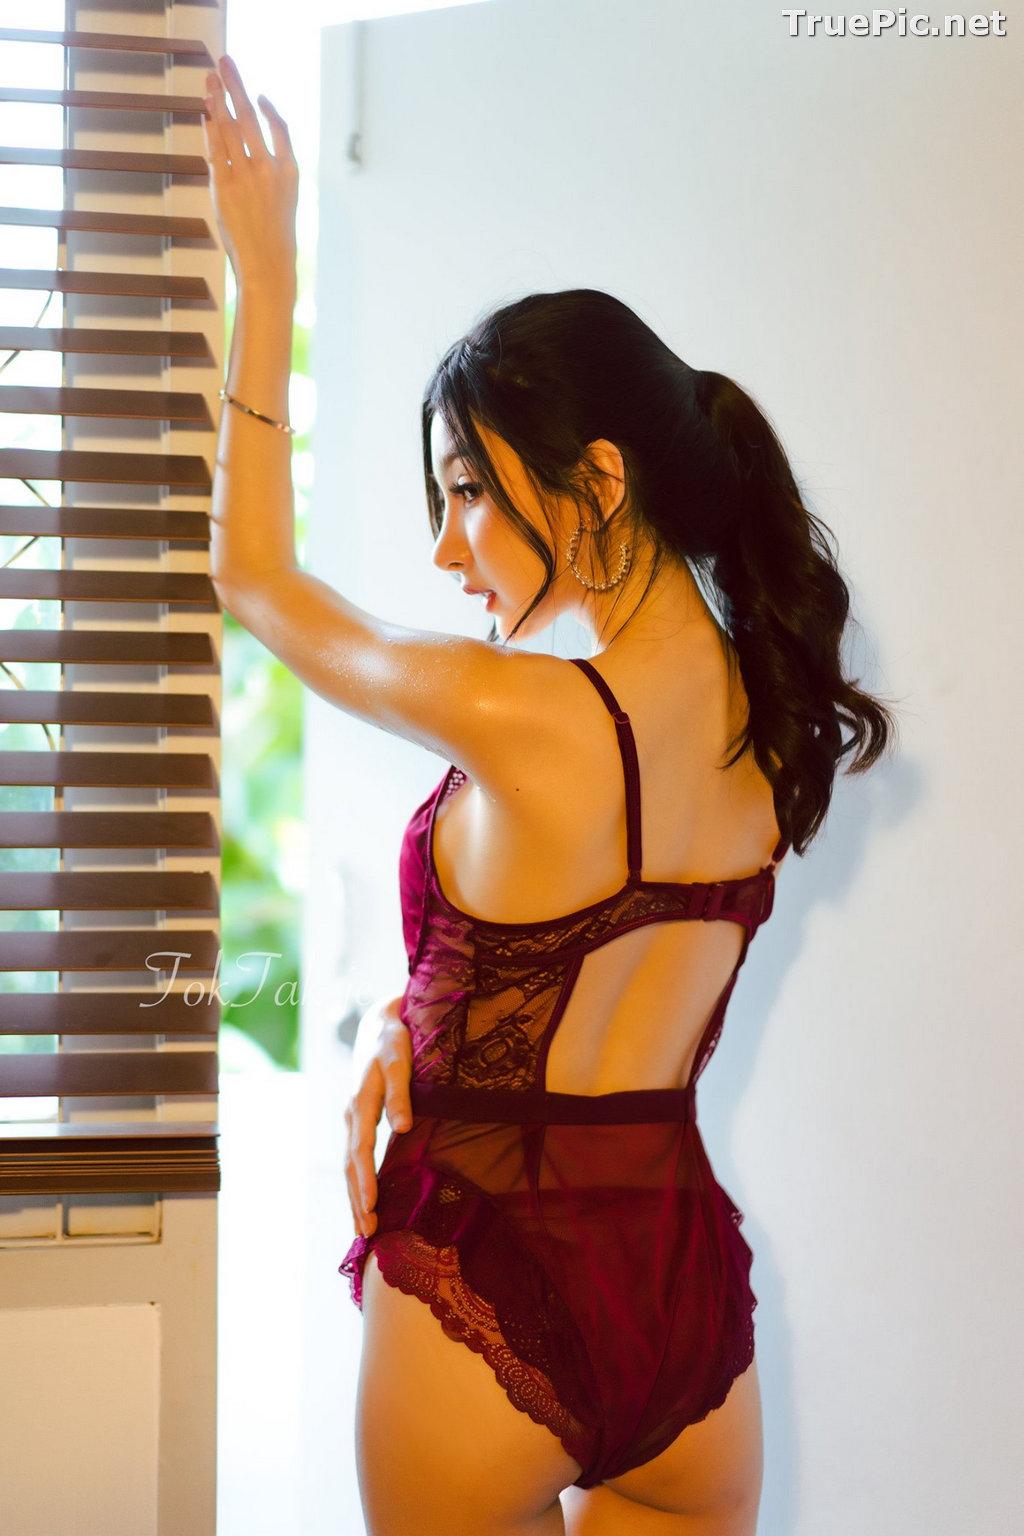 Image Thailand Model - Pattamaporn Keawkum - Red Plum Lingerie - TruePic.net - Picture-6